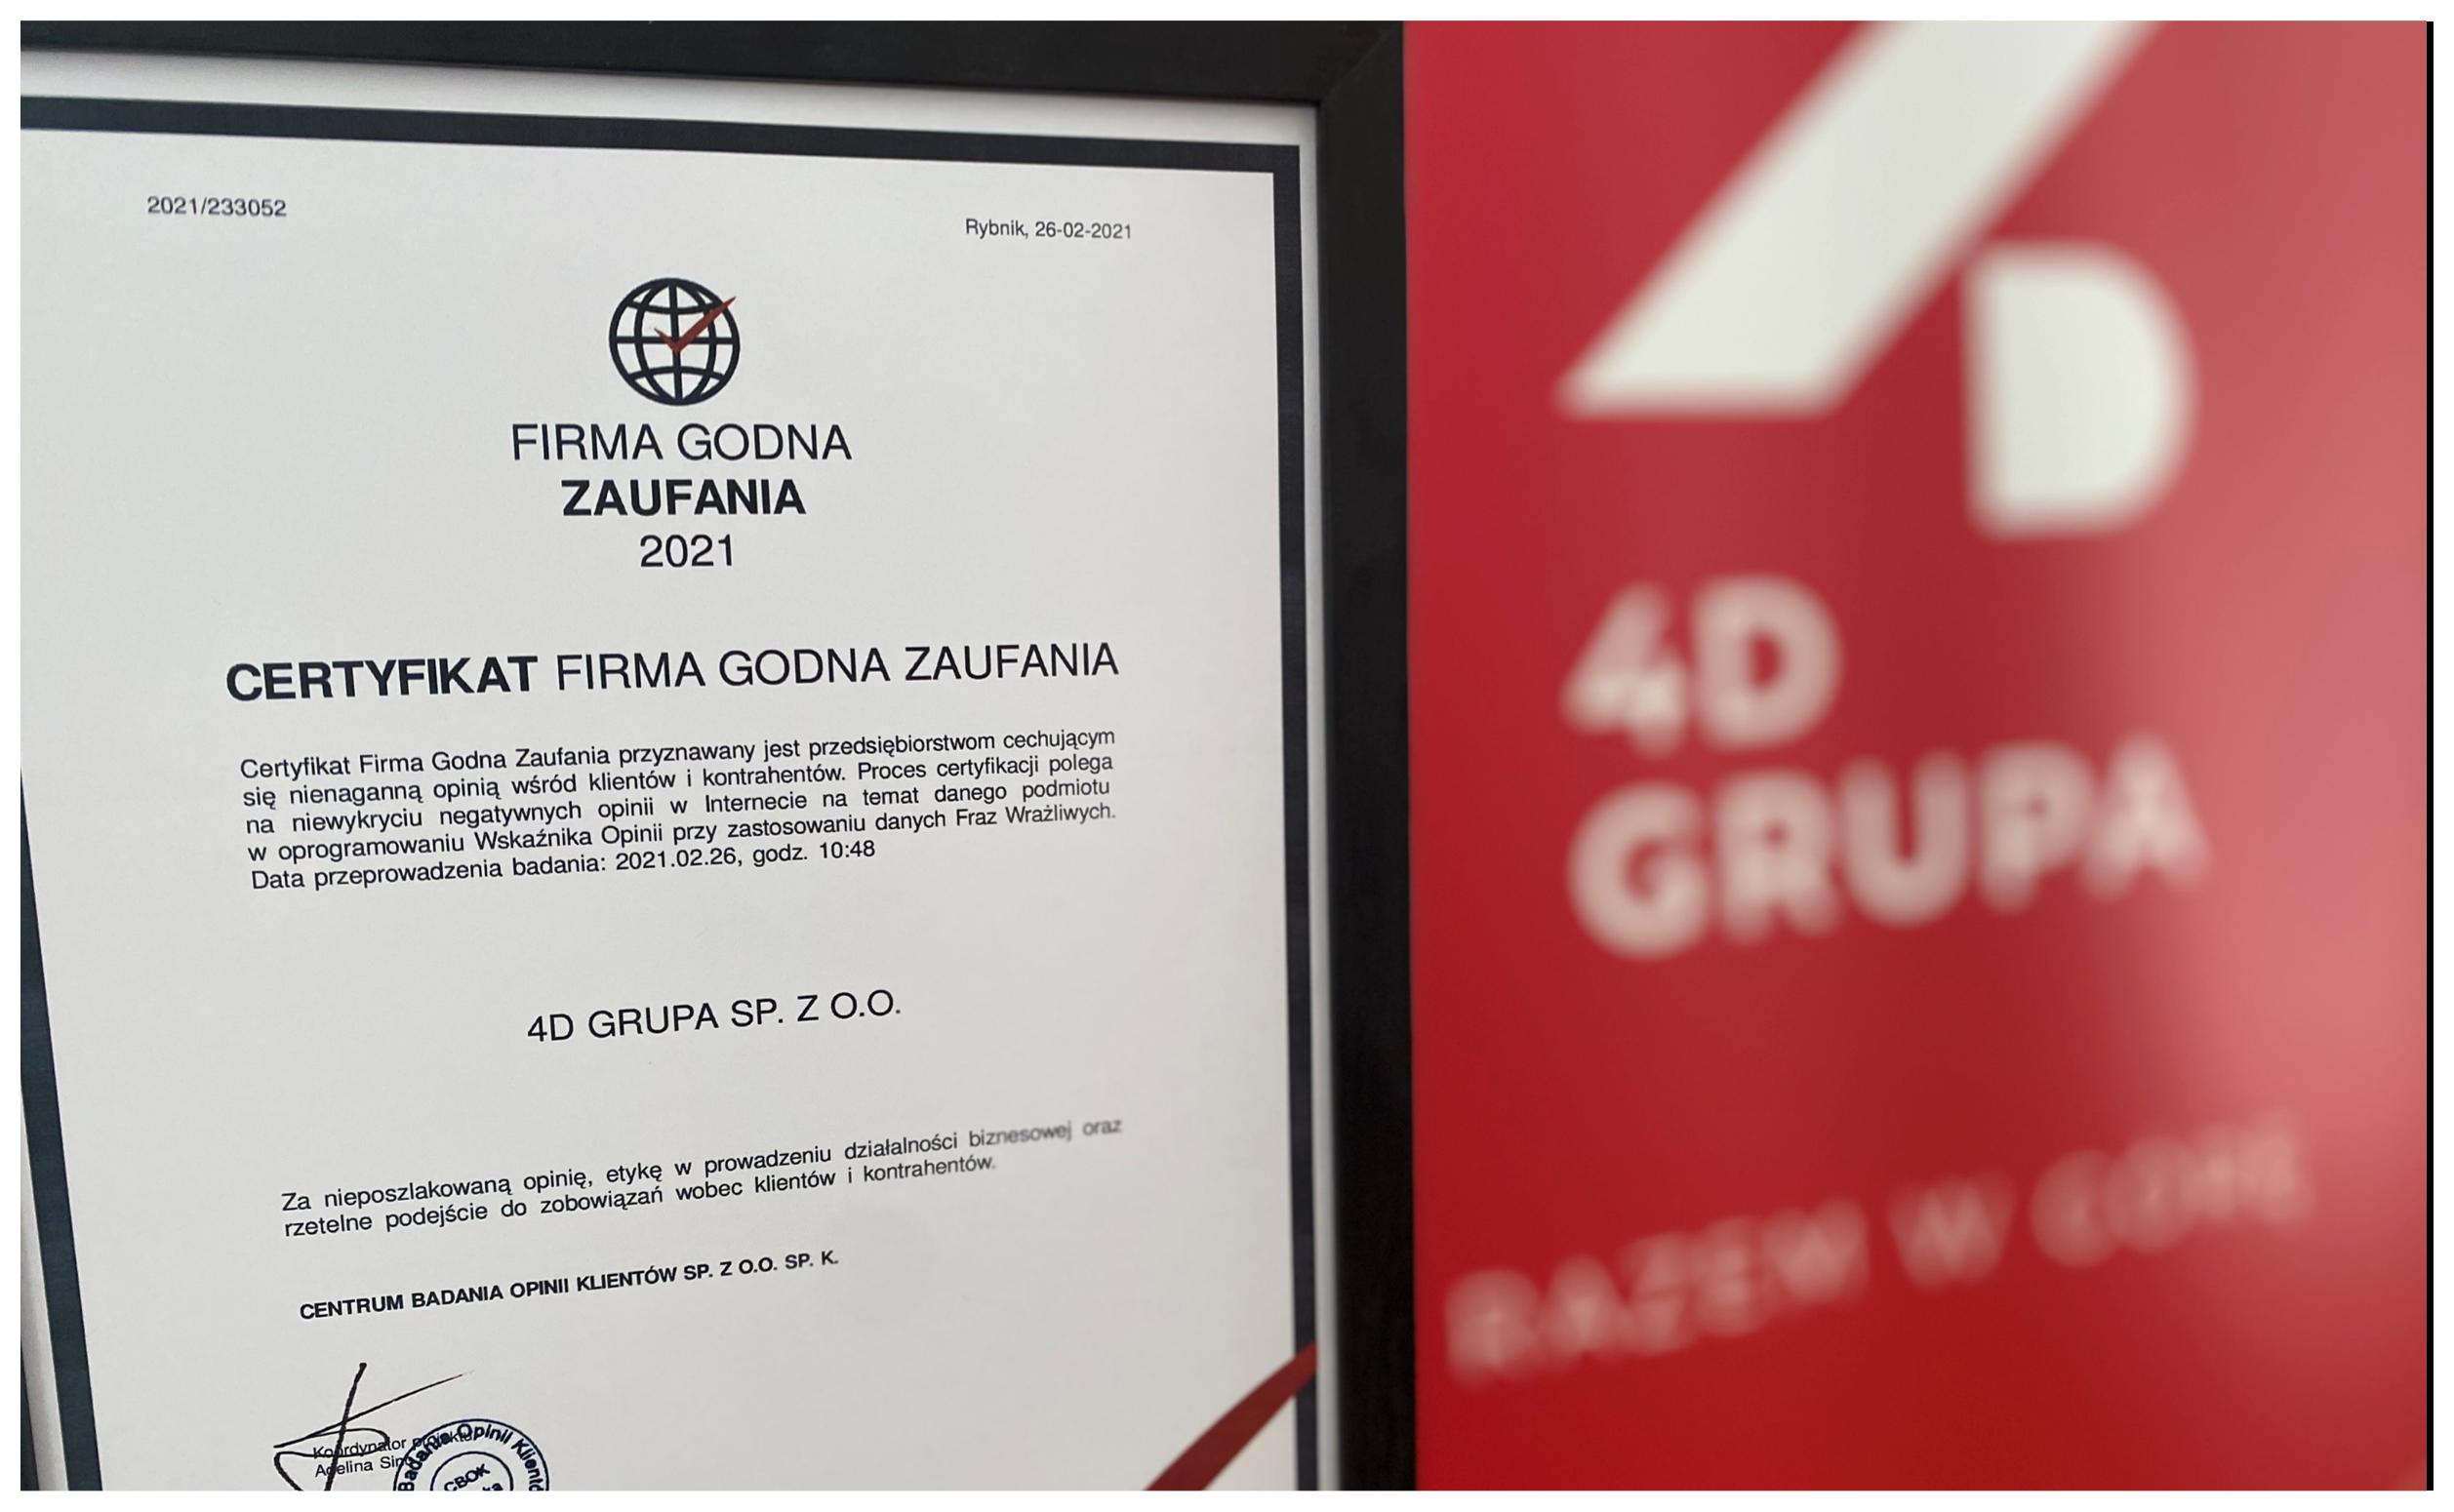 Hurtowania 4D Grupa została uznana za firmę godną zaufania